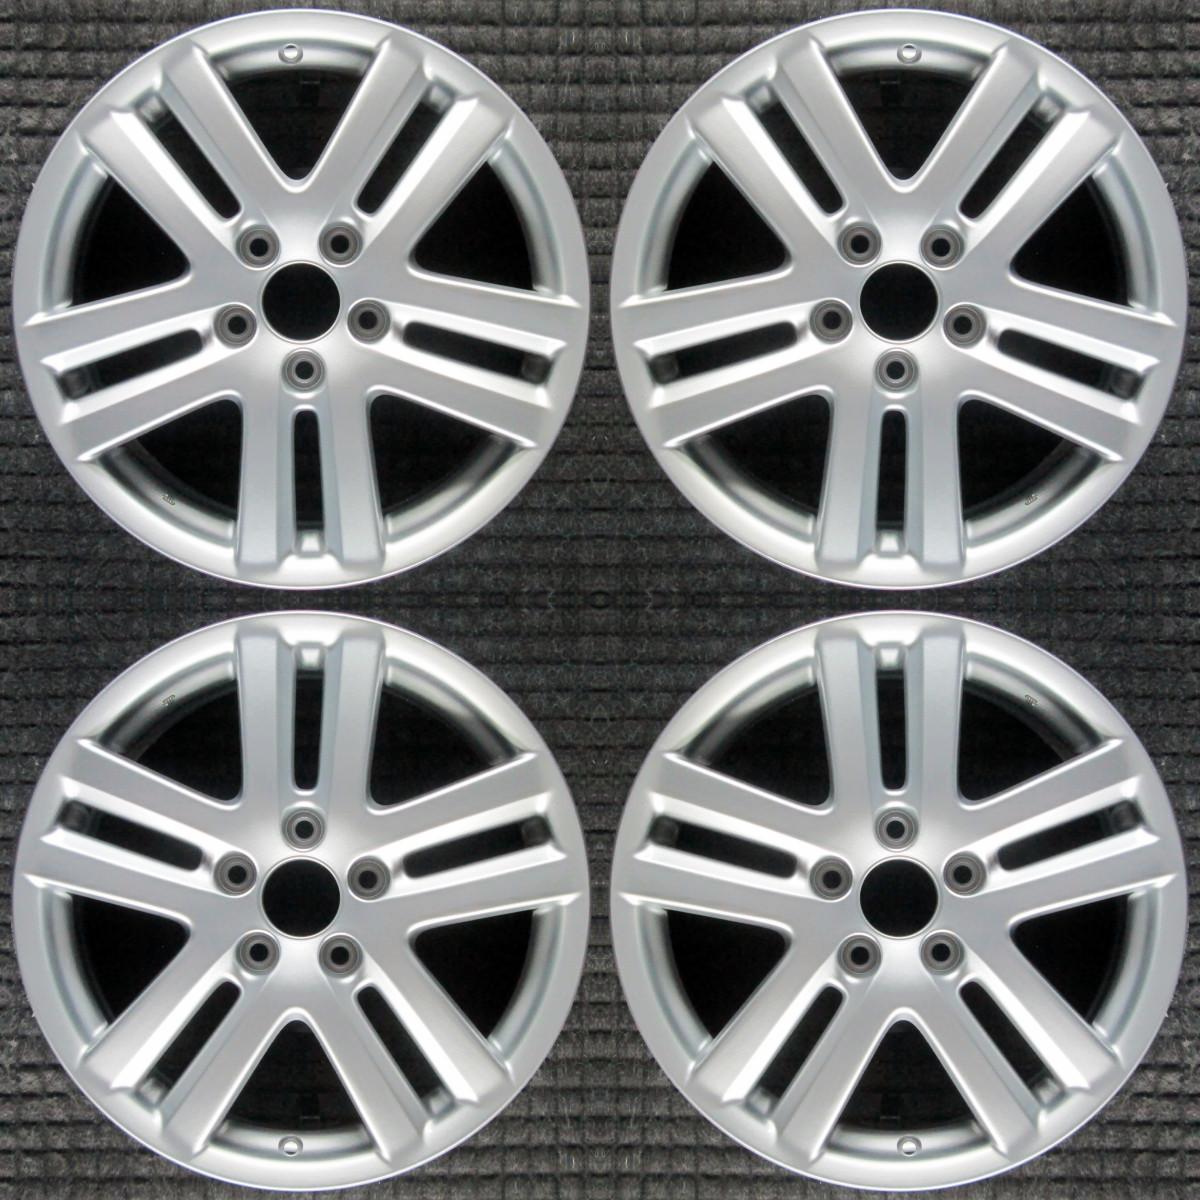 Honda Accord  Machined 15 inch OEM Wheel  2001-2002 6498380 42700S82A52